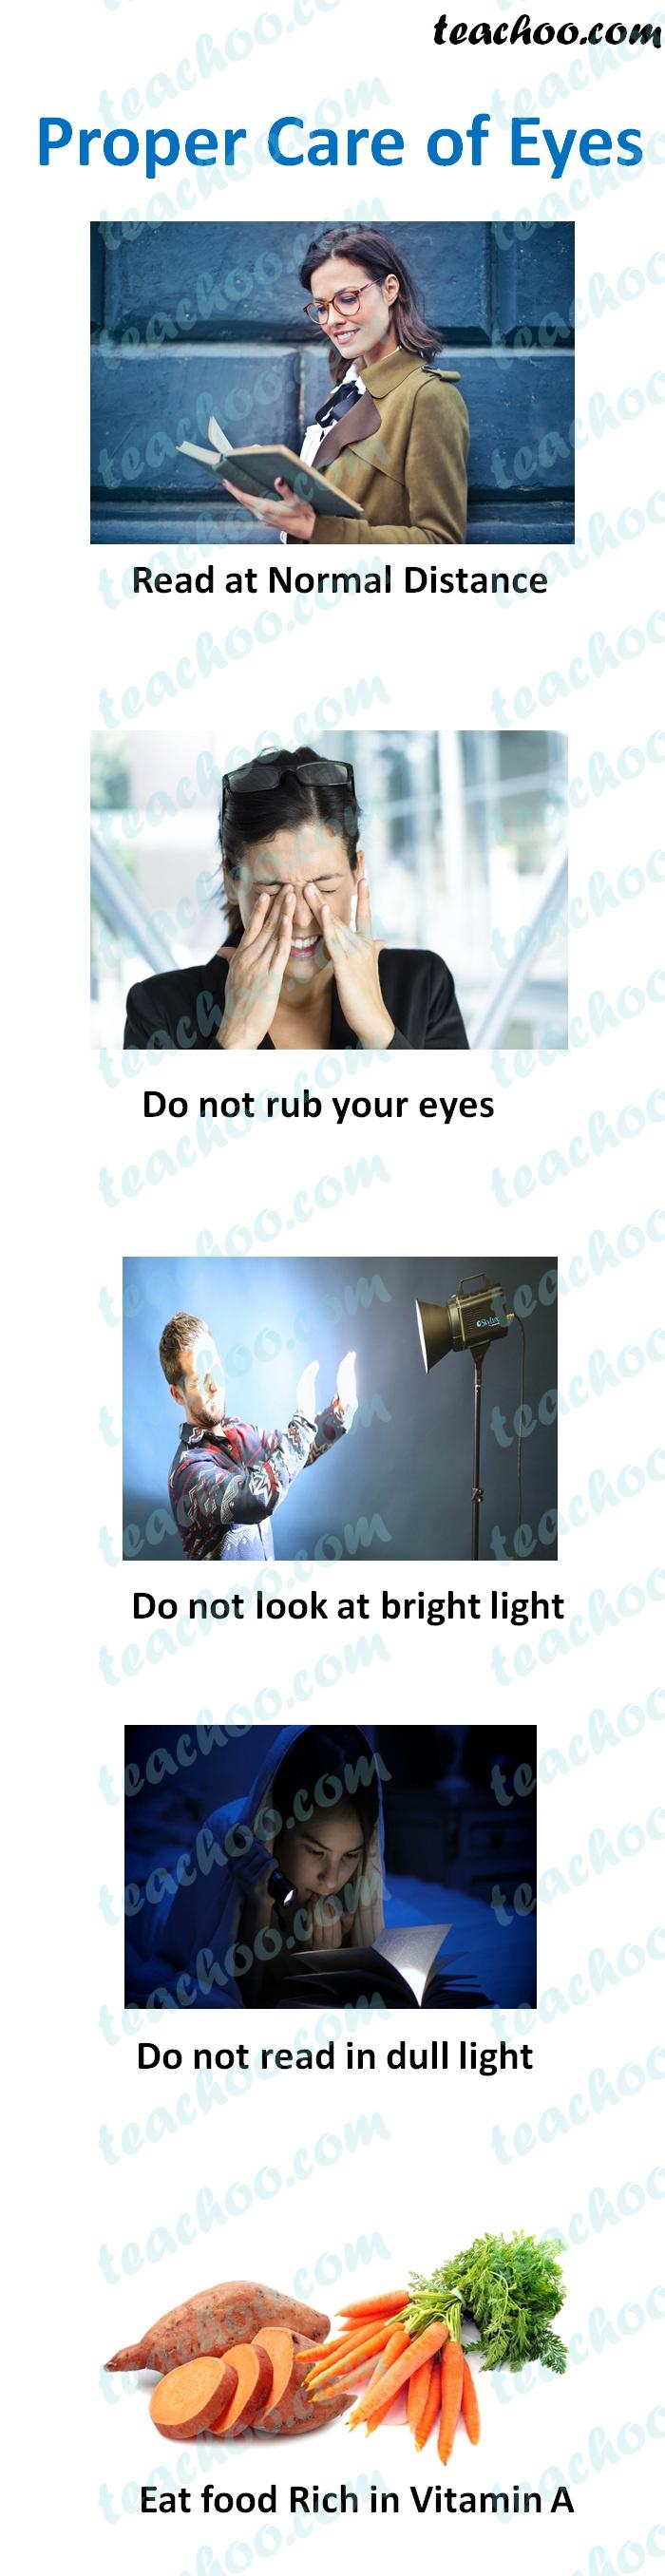 proper-care-of-eyes (1).jpg